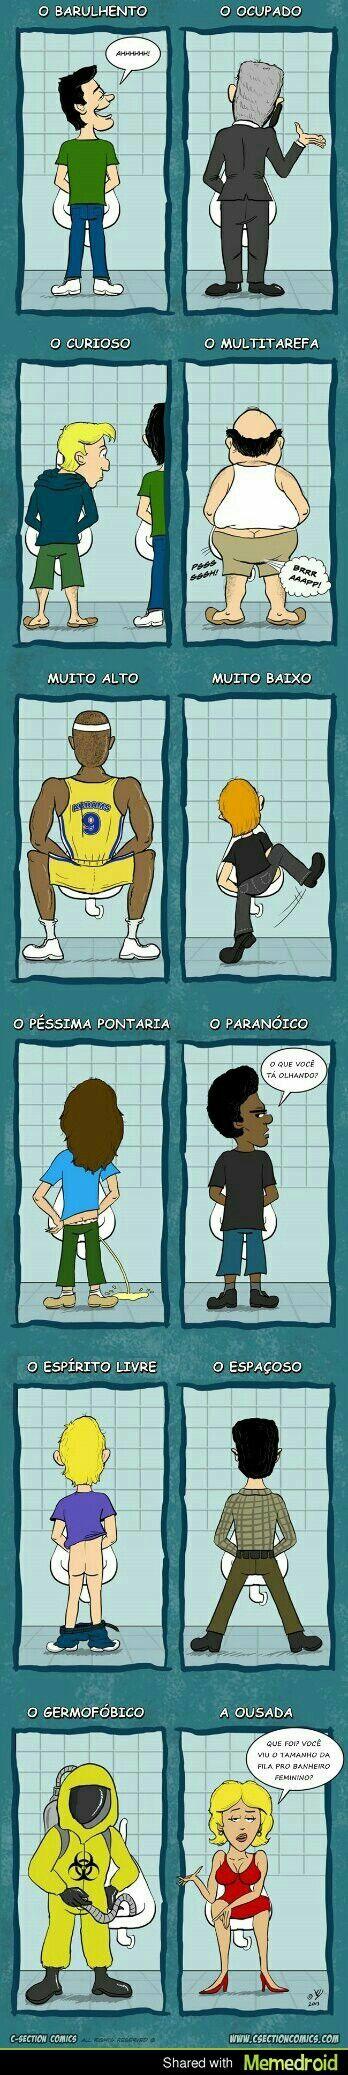 Tipos de pessoas no banheiro